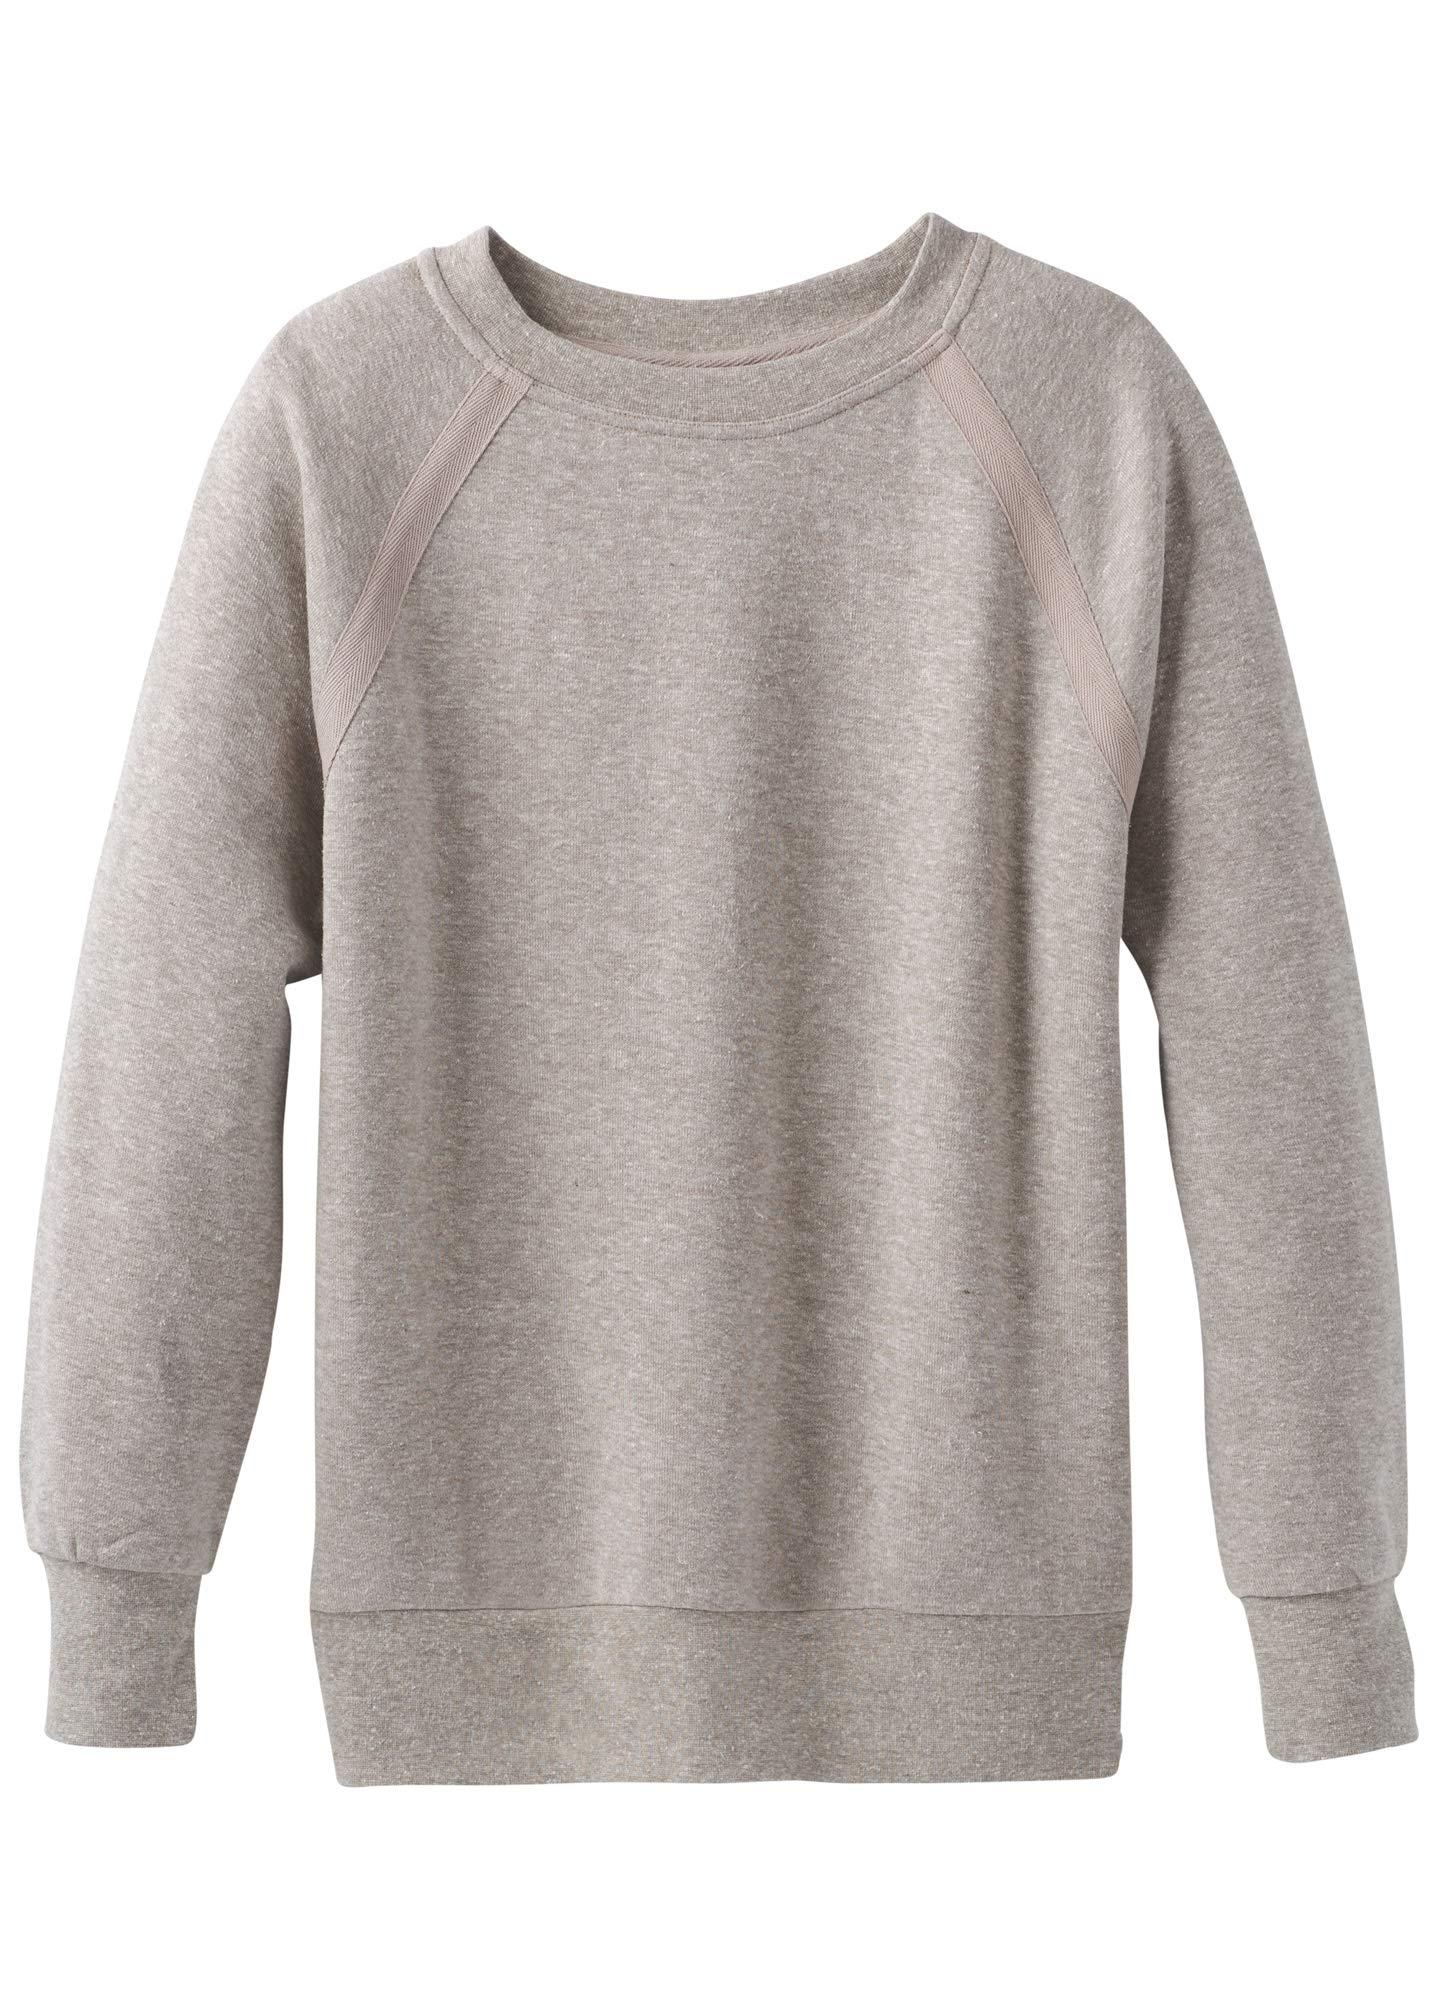 prAna Women's Cozy Up Sweatshirt, Oatmeal Heather, X-Large by prAna